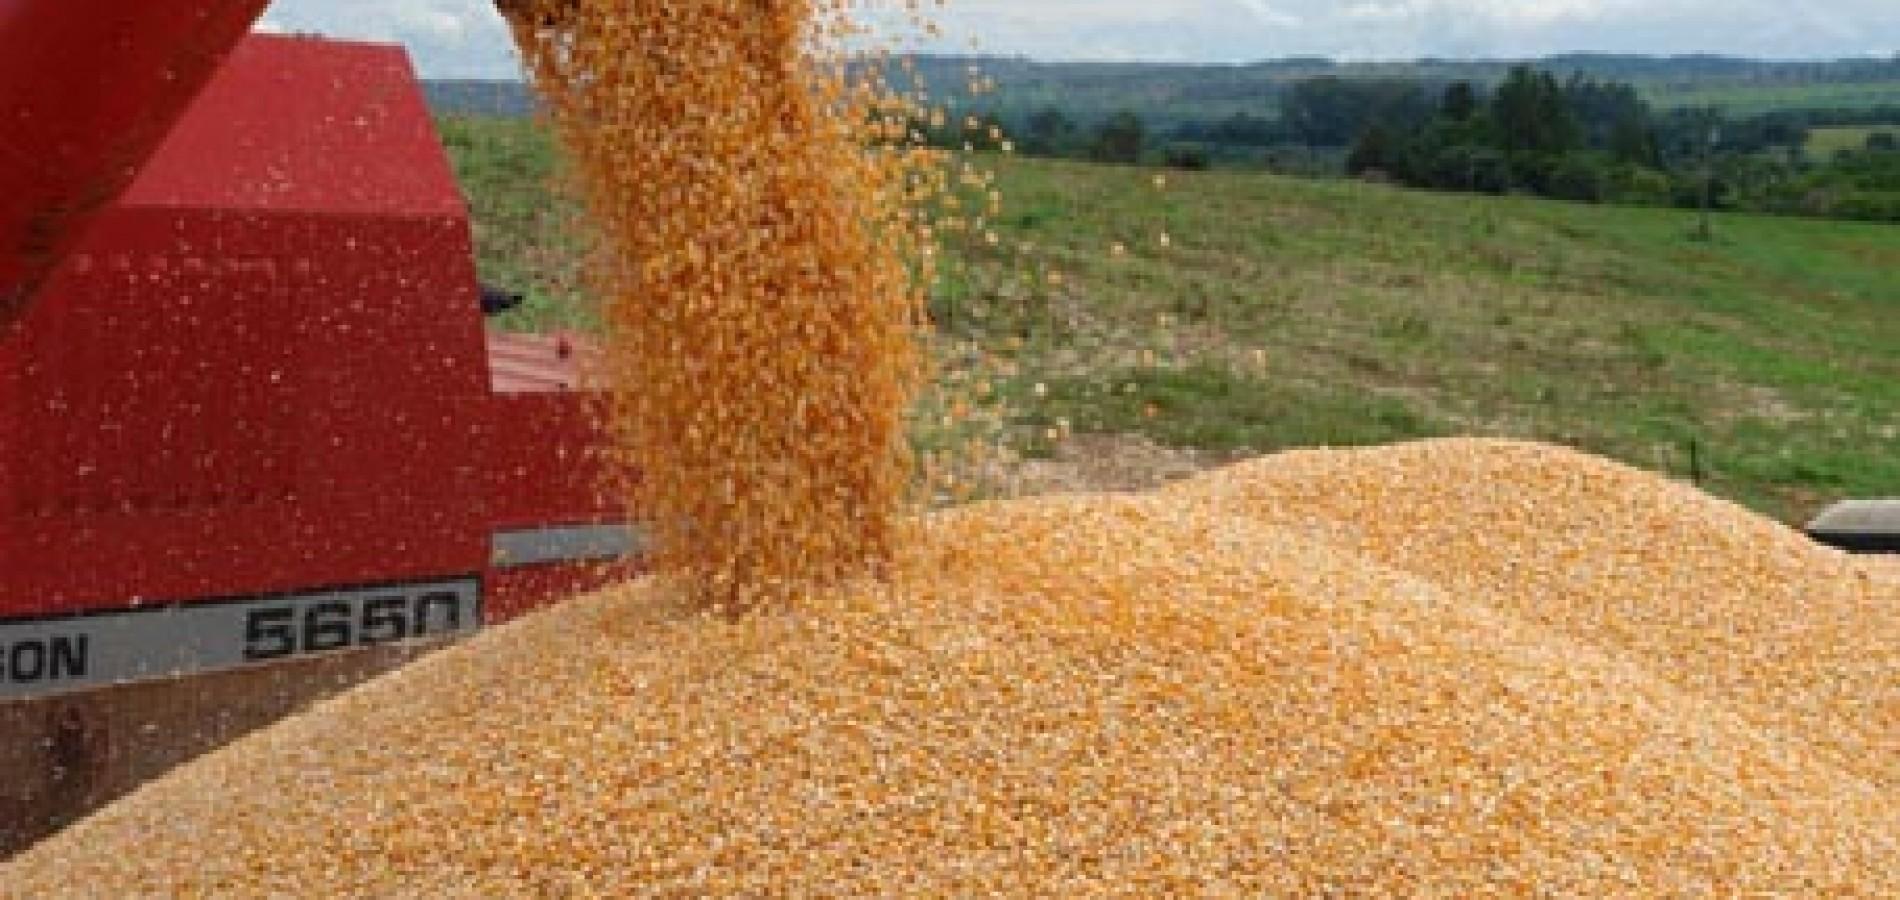 Exportações no Piauí crescem 104,9% no 1º semestre de 2015